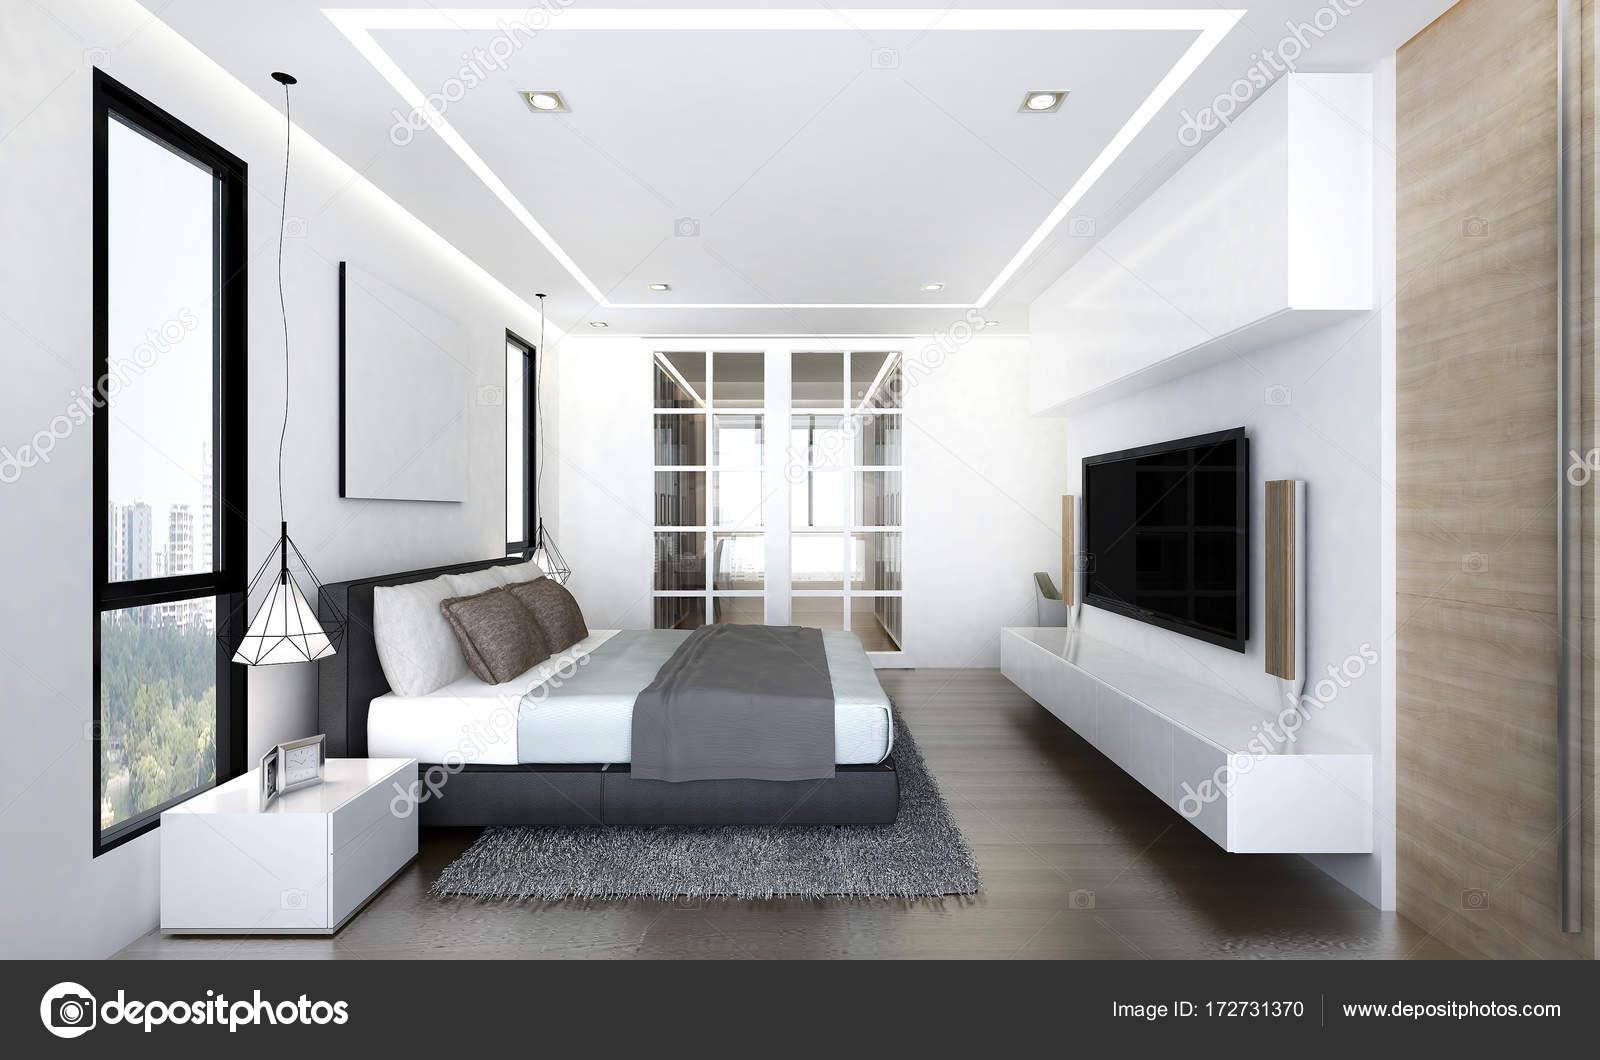 Luxe Interieur Ontwerp : Luxe slaapkamer interieurontwerp en lcd tv u stockfoto teeraphan